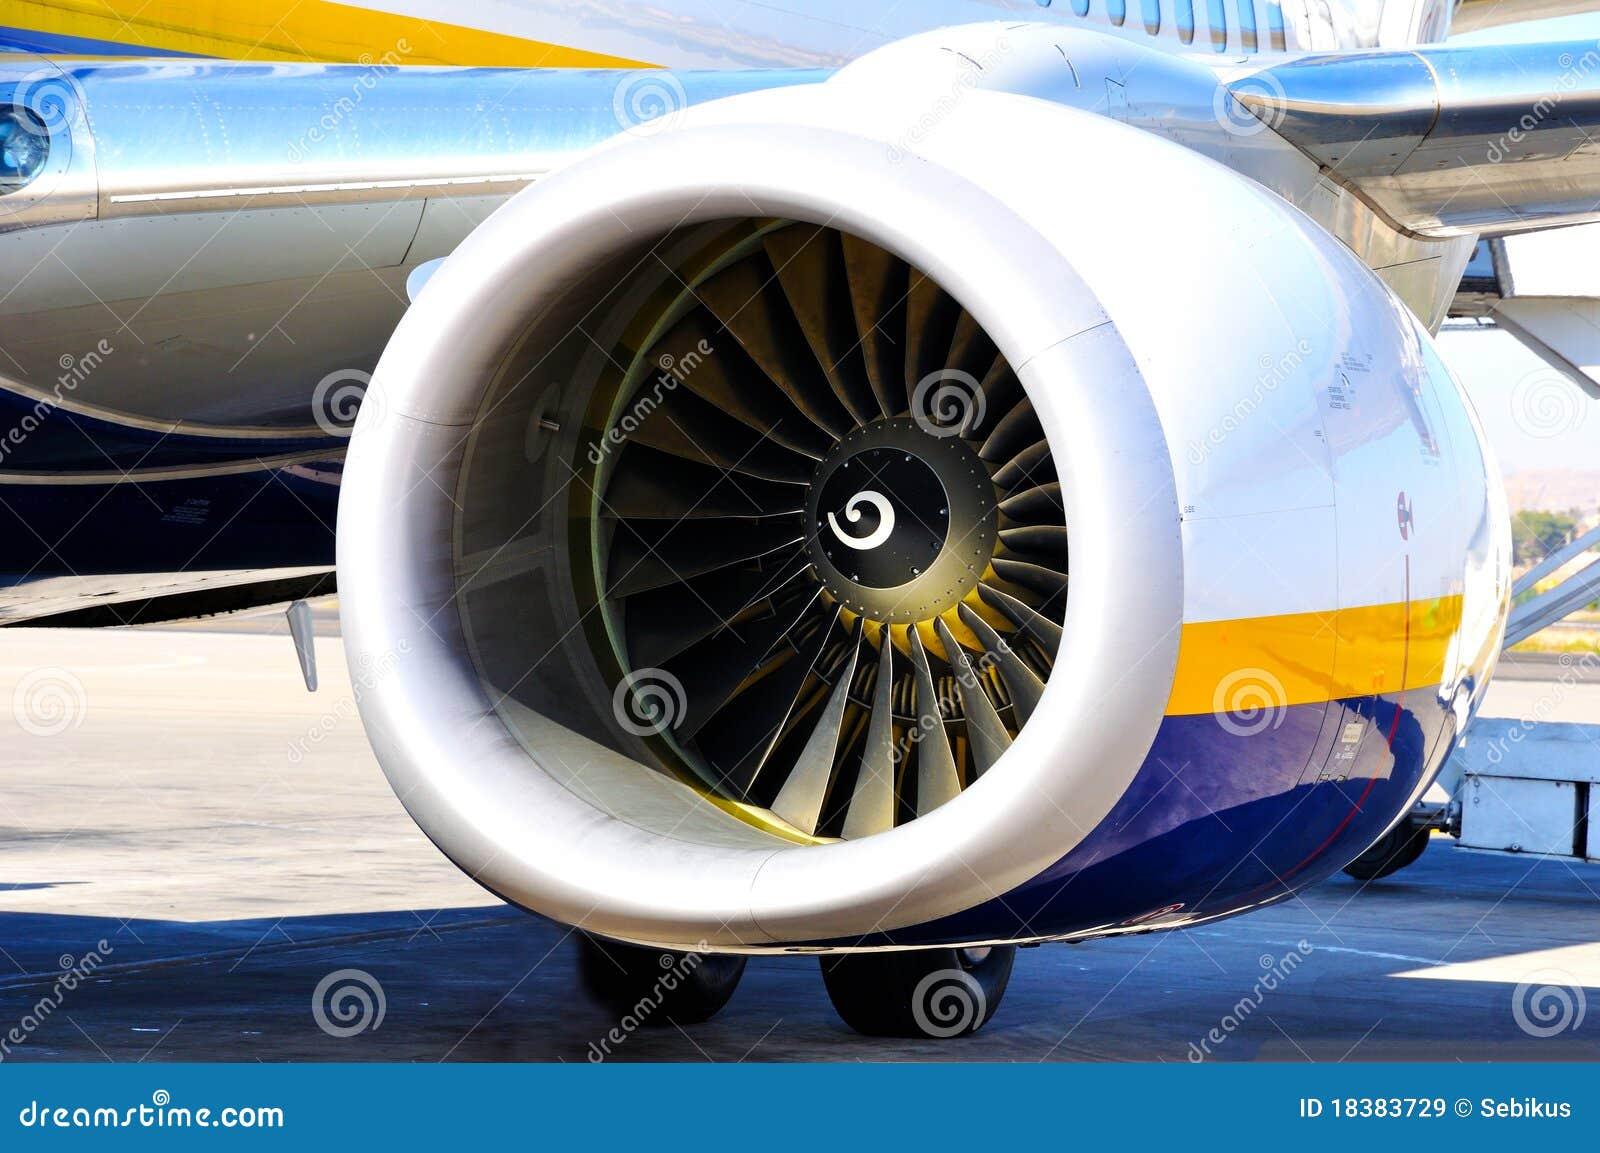 Turbine der Flugzeuge